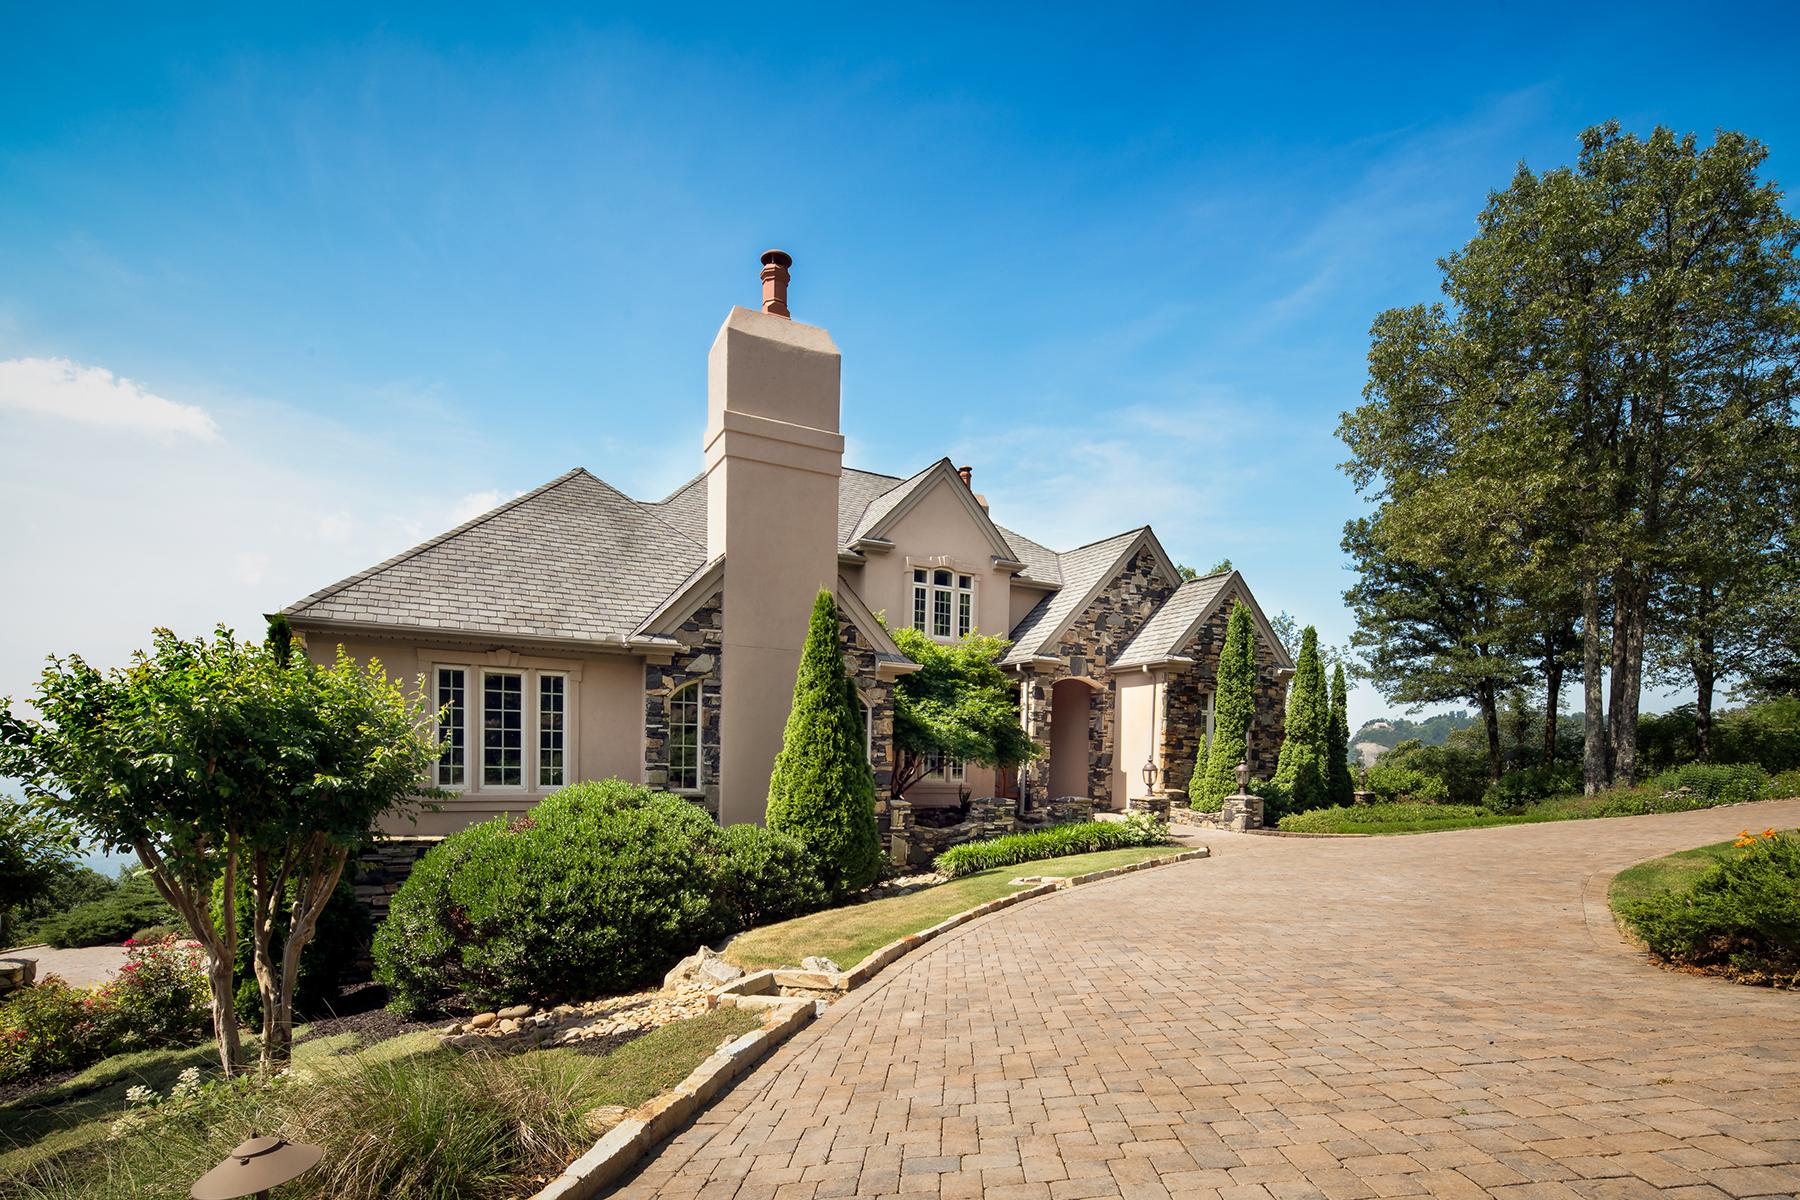 Tek Ailelik Ev için Satış at THE CLIFFS AT GLASSY 4 Lobelia Way Landrum, South Carolina (Güney Carolina), 29356 Amerika Birleşik Devletleri